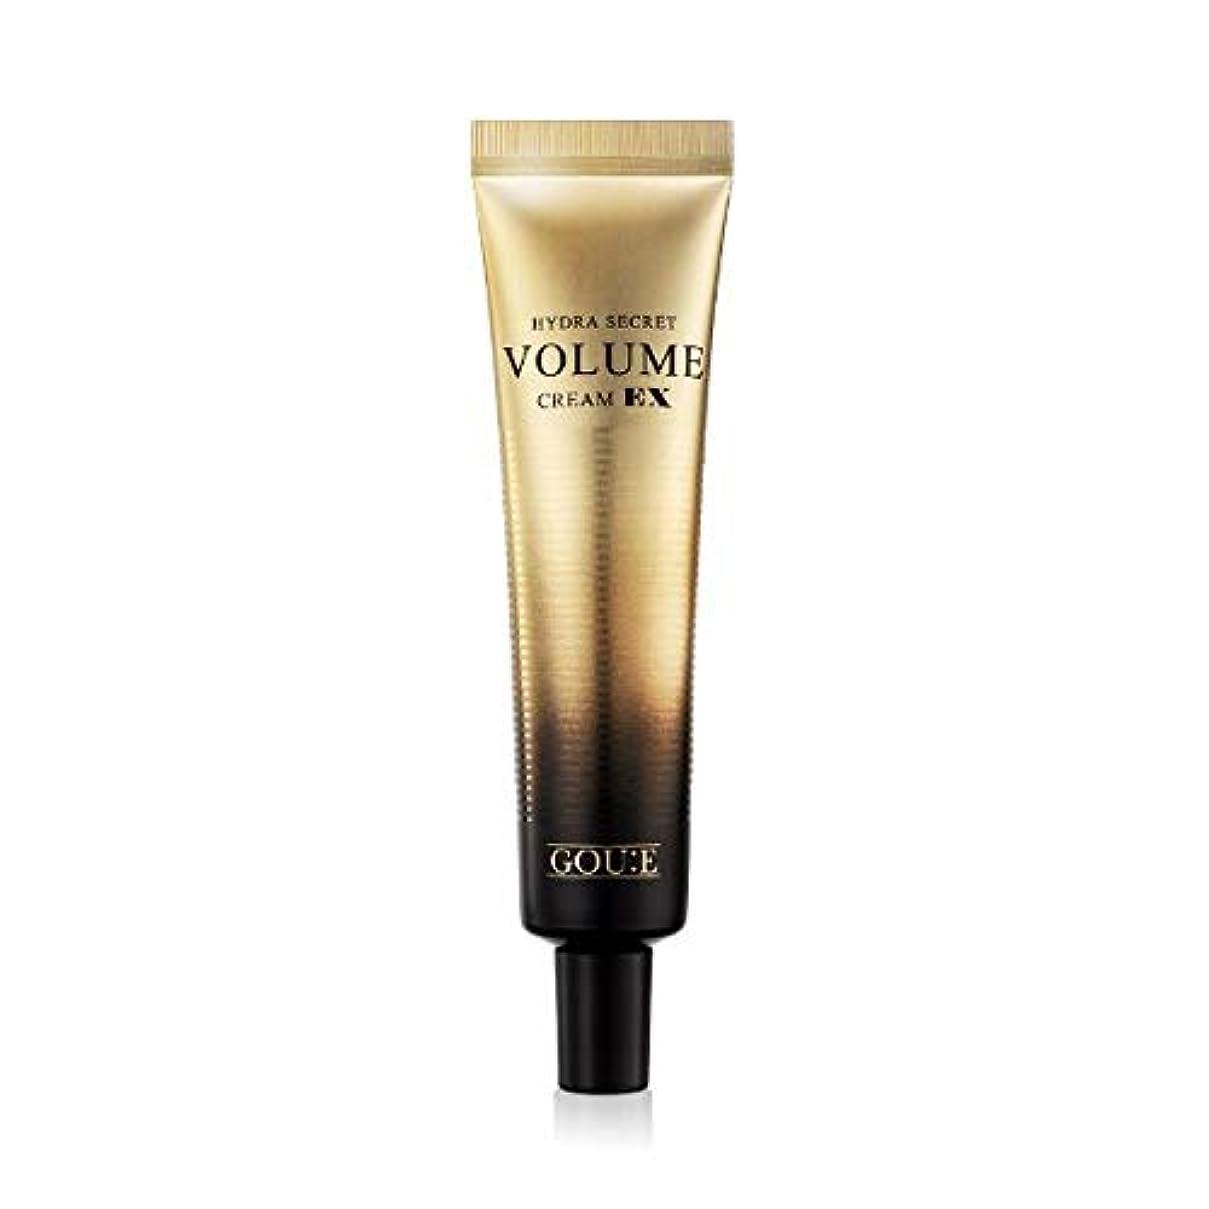 ダイバー岩連続したGOUE Hydra Secret Volume Cream EX ハイドラシークレットボリュームクリームEX ベーシスケアから肌のトーンまで、トータルケアのレクリエーションを一度に